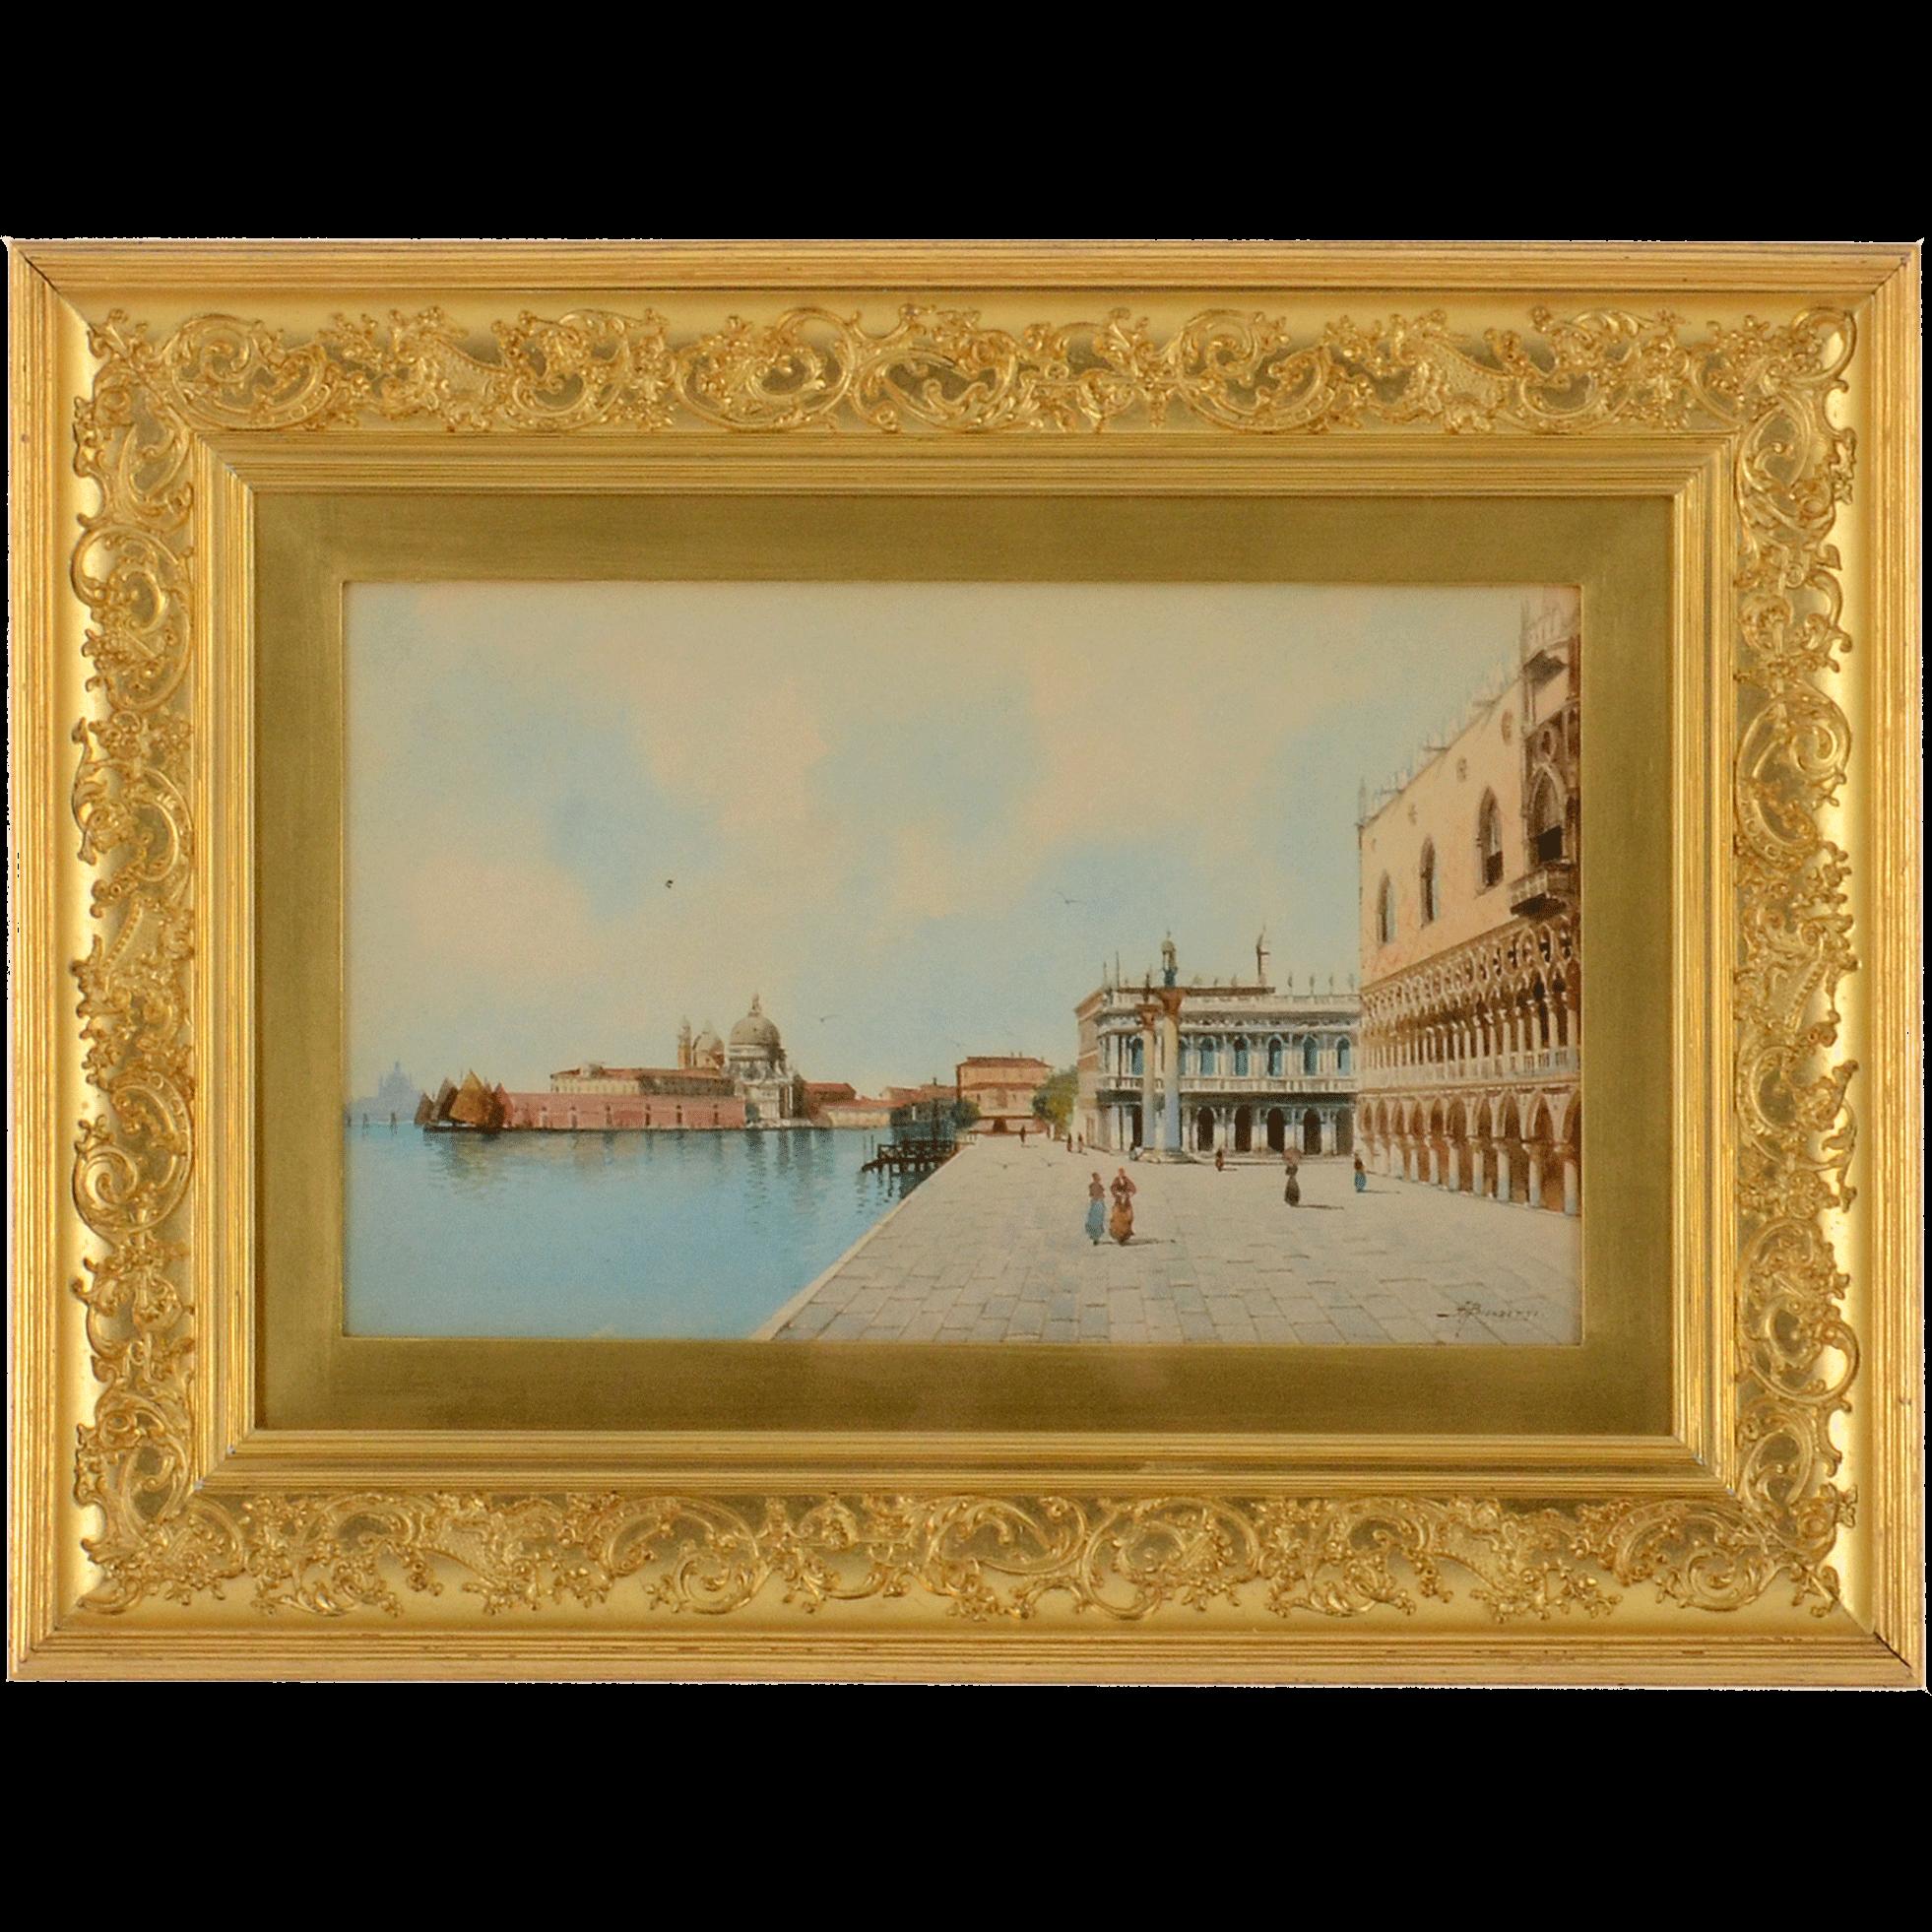 Watercolor A View of the Riva Degil Schiavoni Venice by Andrea Biodetti